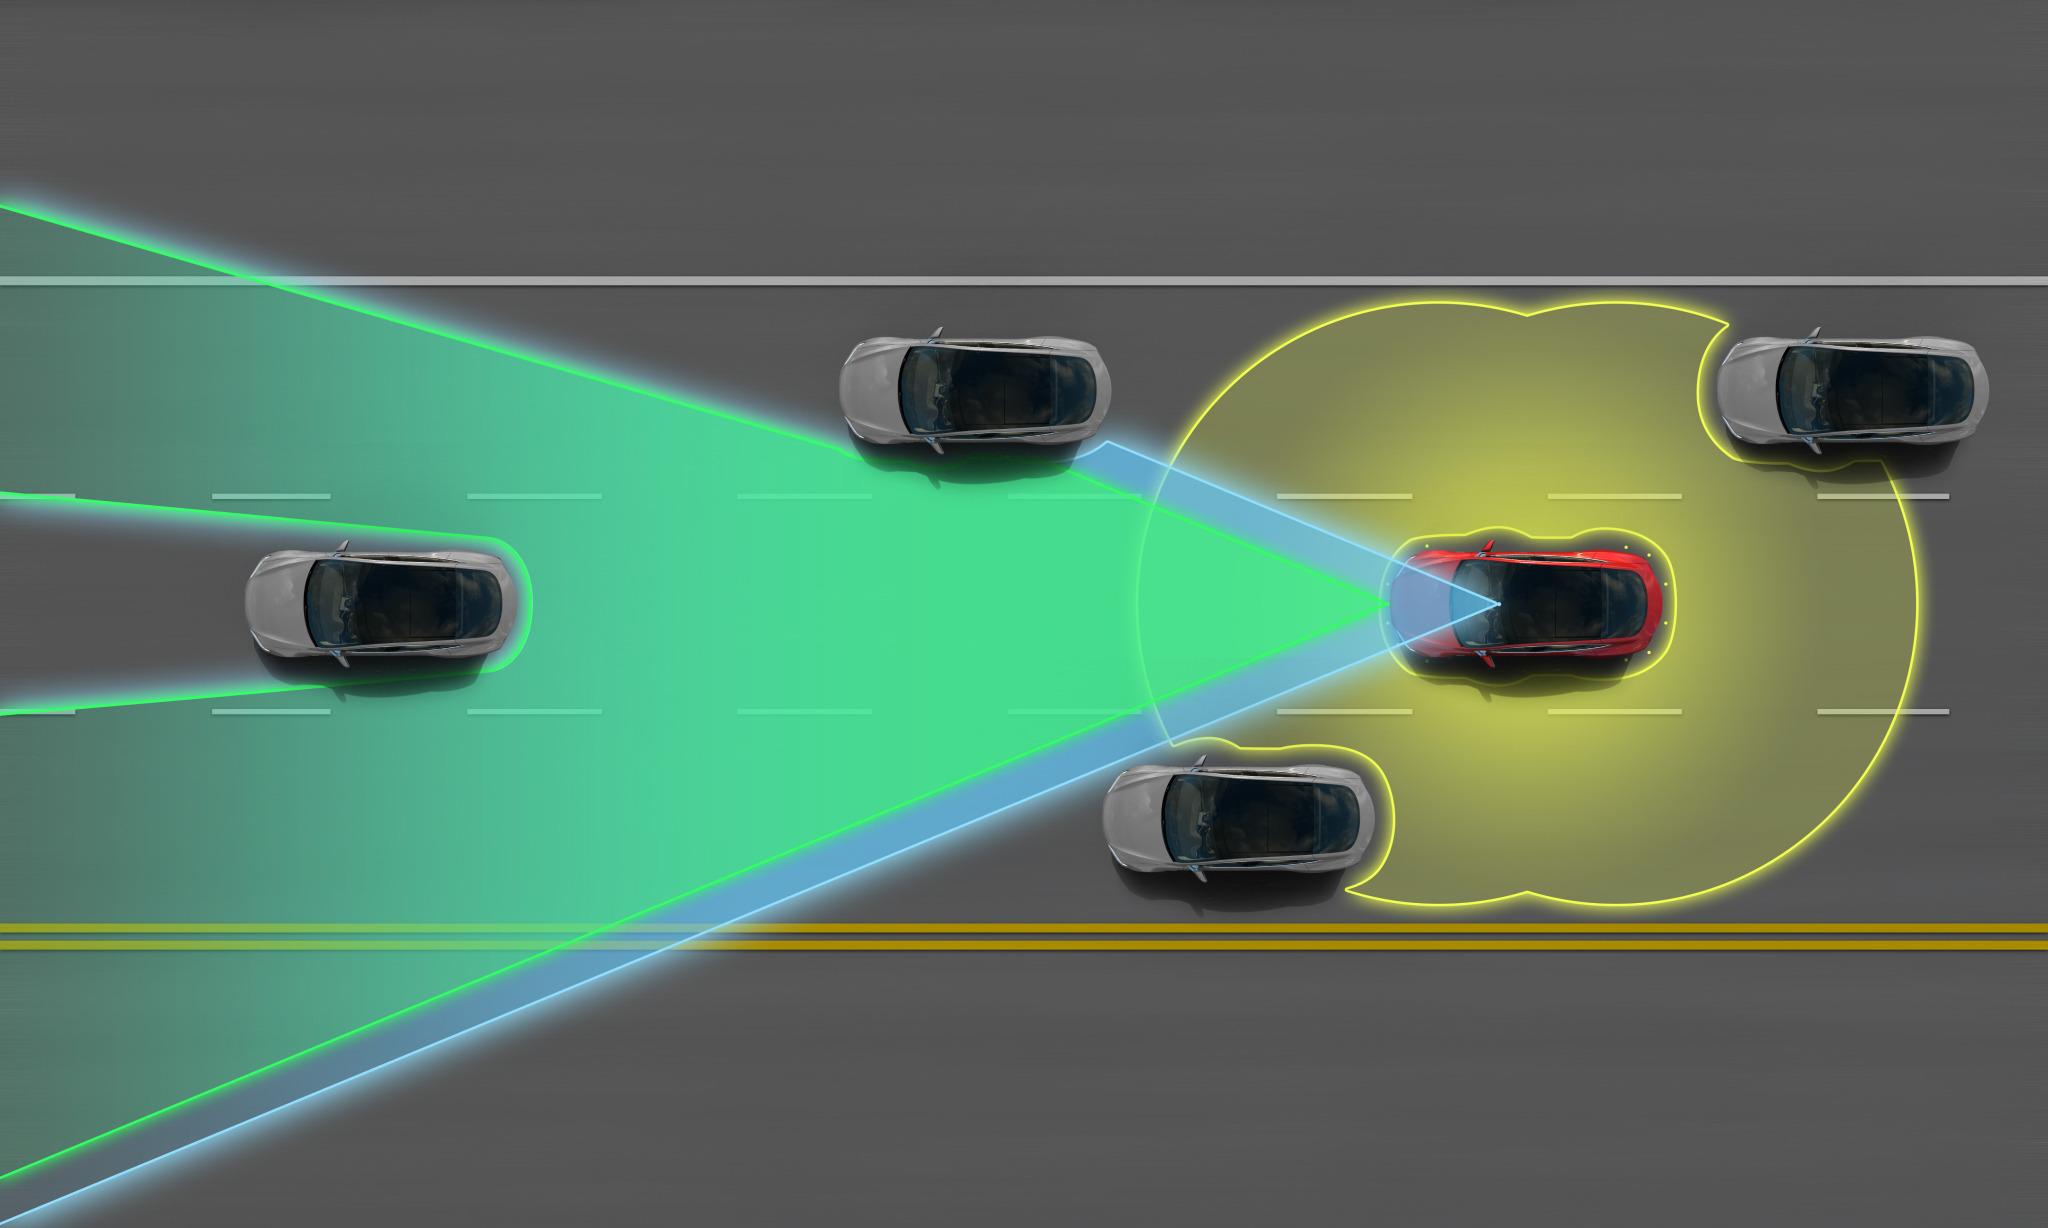 """Elon Musk, il fondatore di Tesla, è convinto che un giorno saranno legali solo le auto intelligenti capaci di guidarsi da sole. """"È troppo pericoloso"""", ha dichiarato il visionario Musk. […]"""